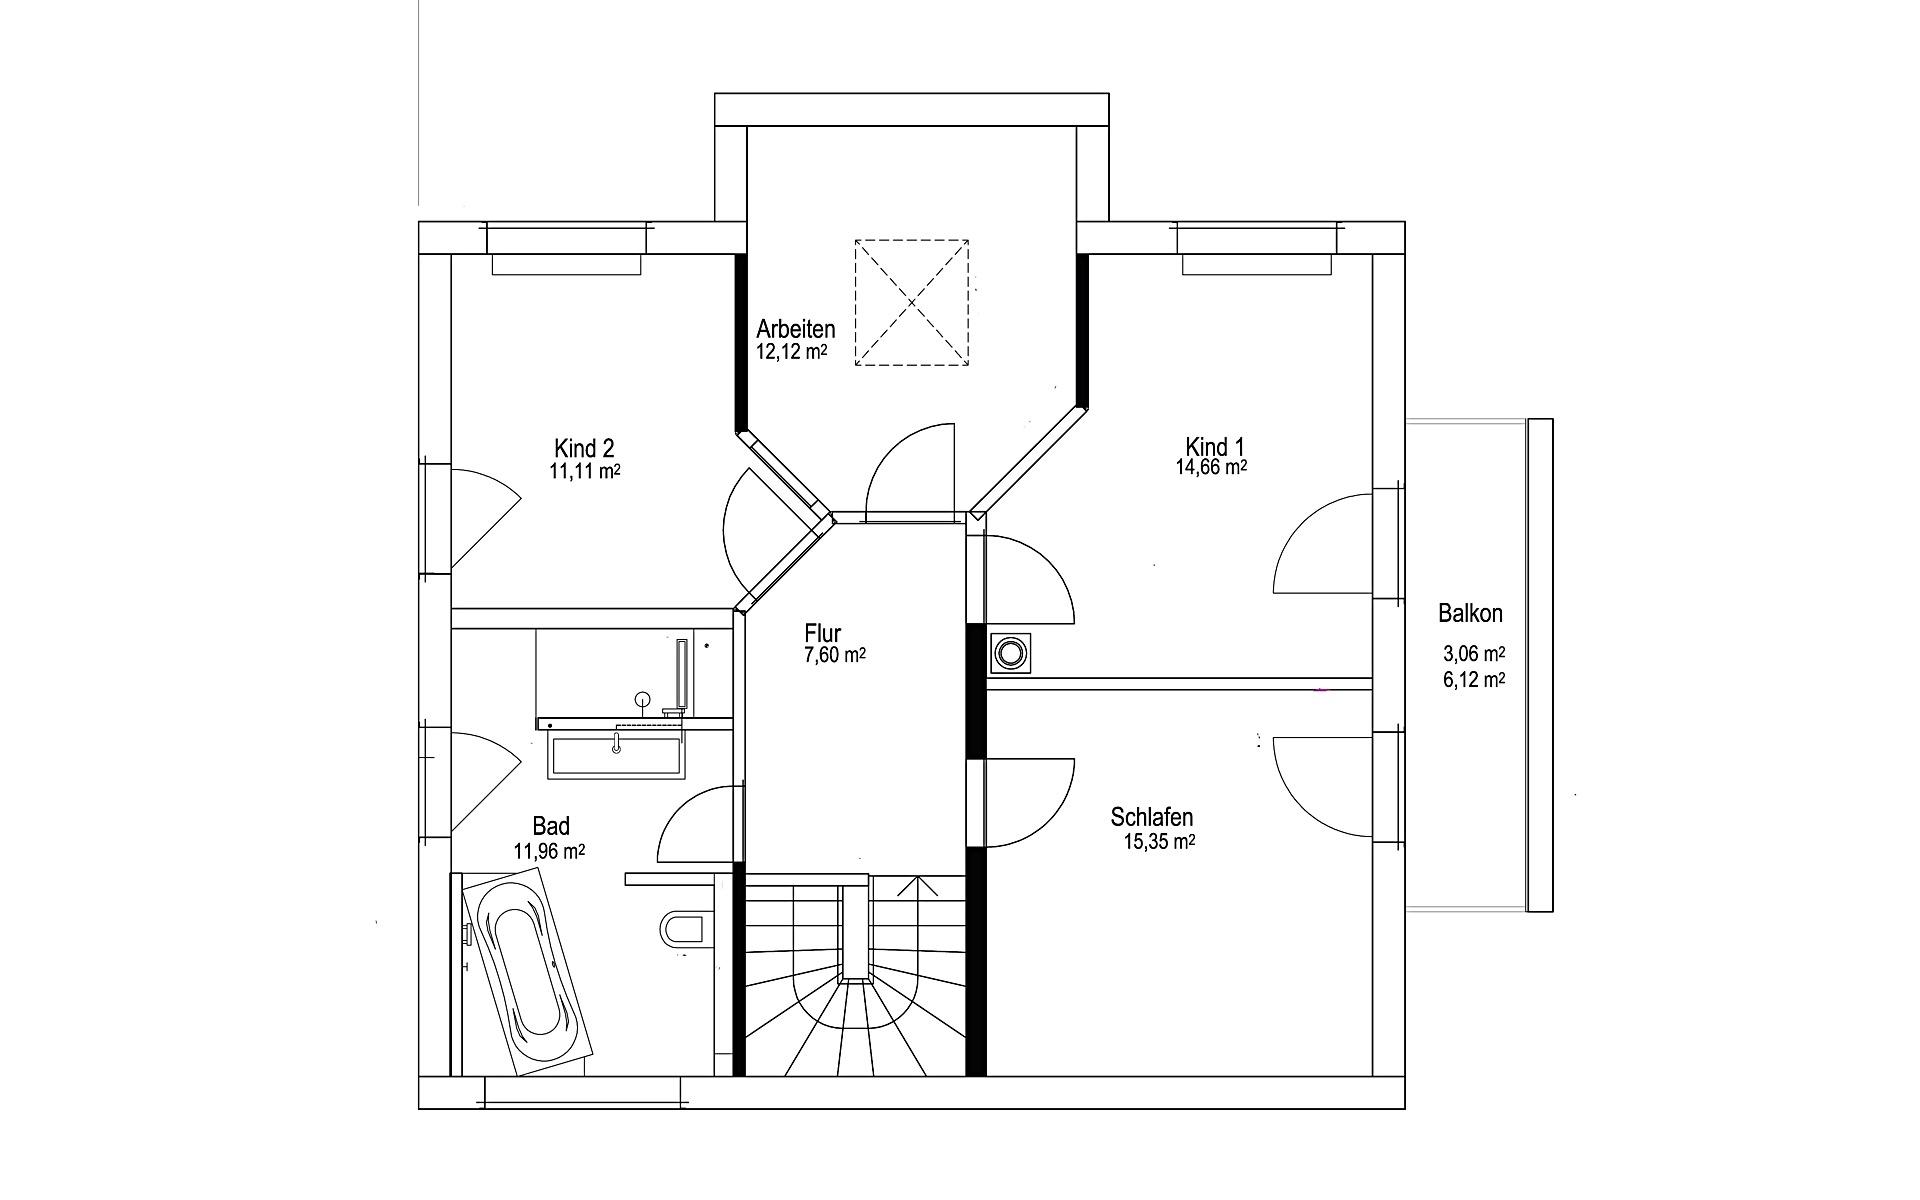 Dachgeschoss Satteldach Landhaus 143 von LUXHAUS Vertrieb GmbH & Co. KG